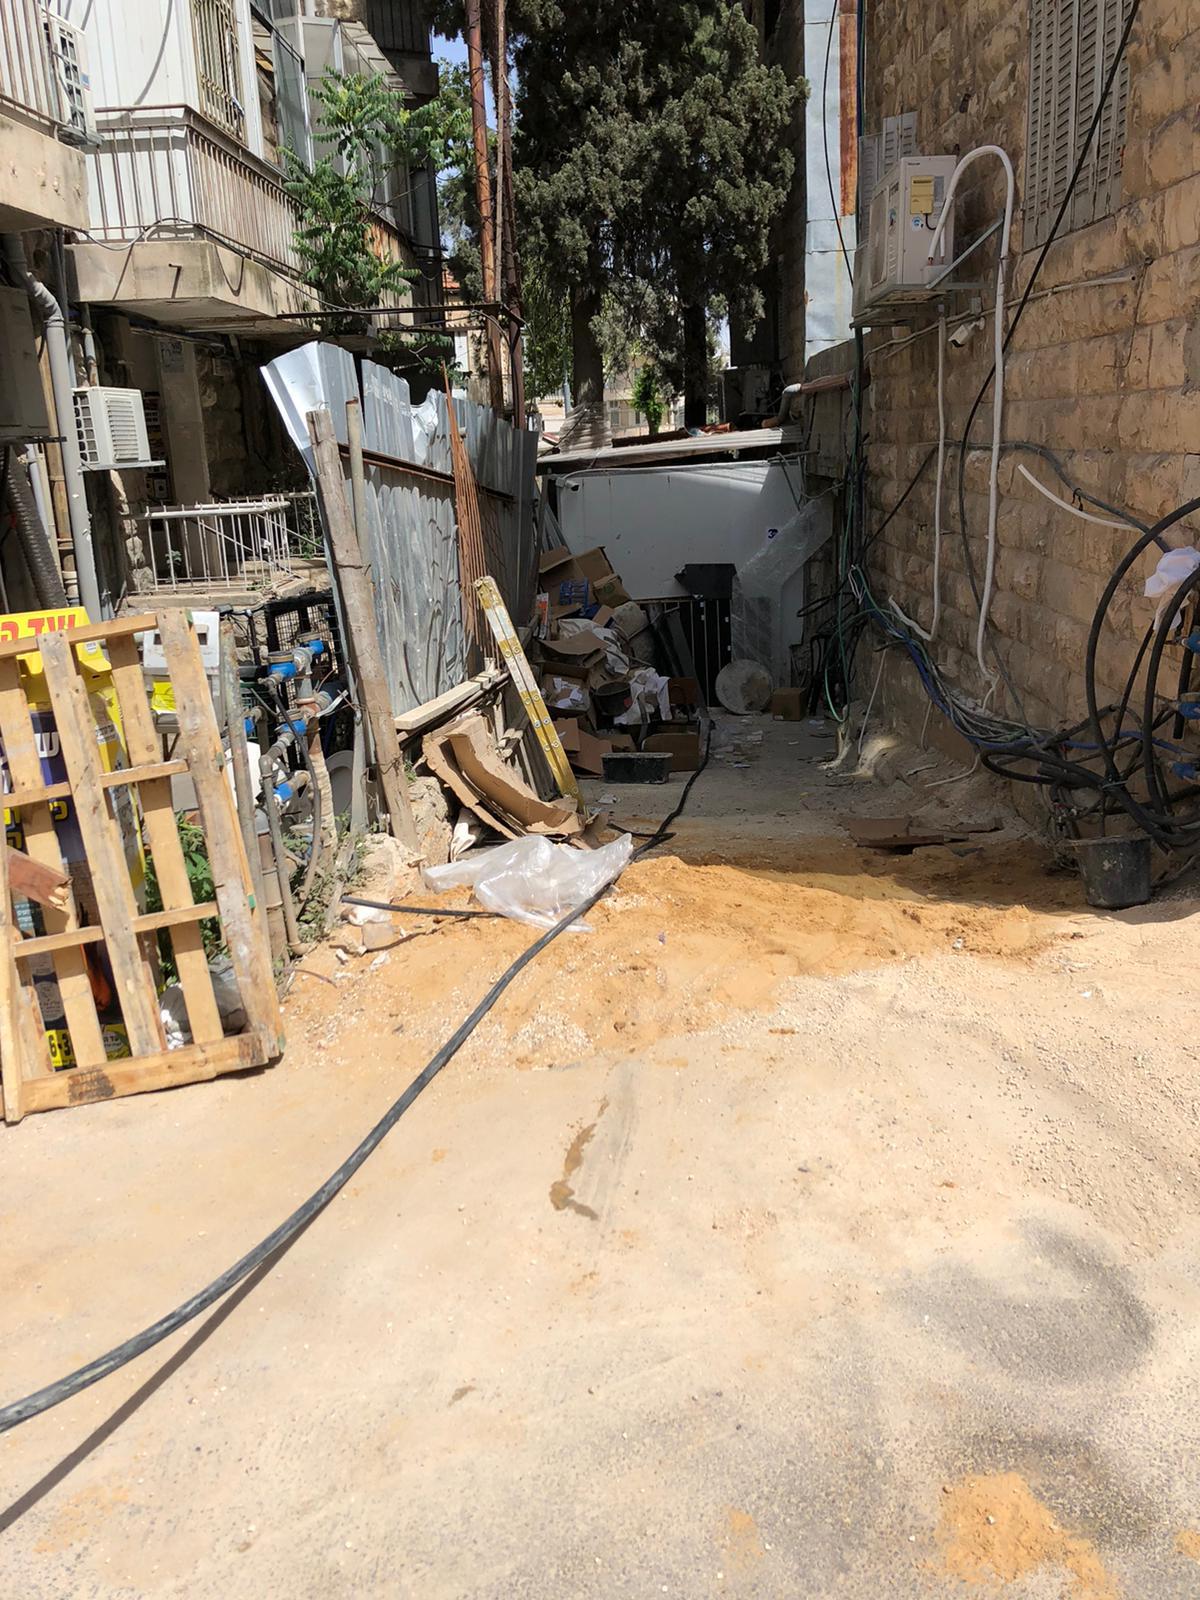 פתיחת סתימה ללקוח פרטי בשכונת מאה שערים בירושלים.